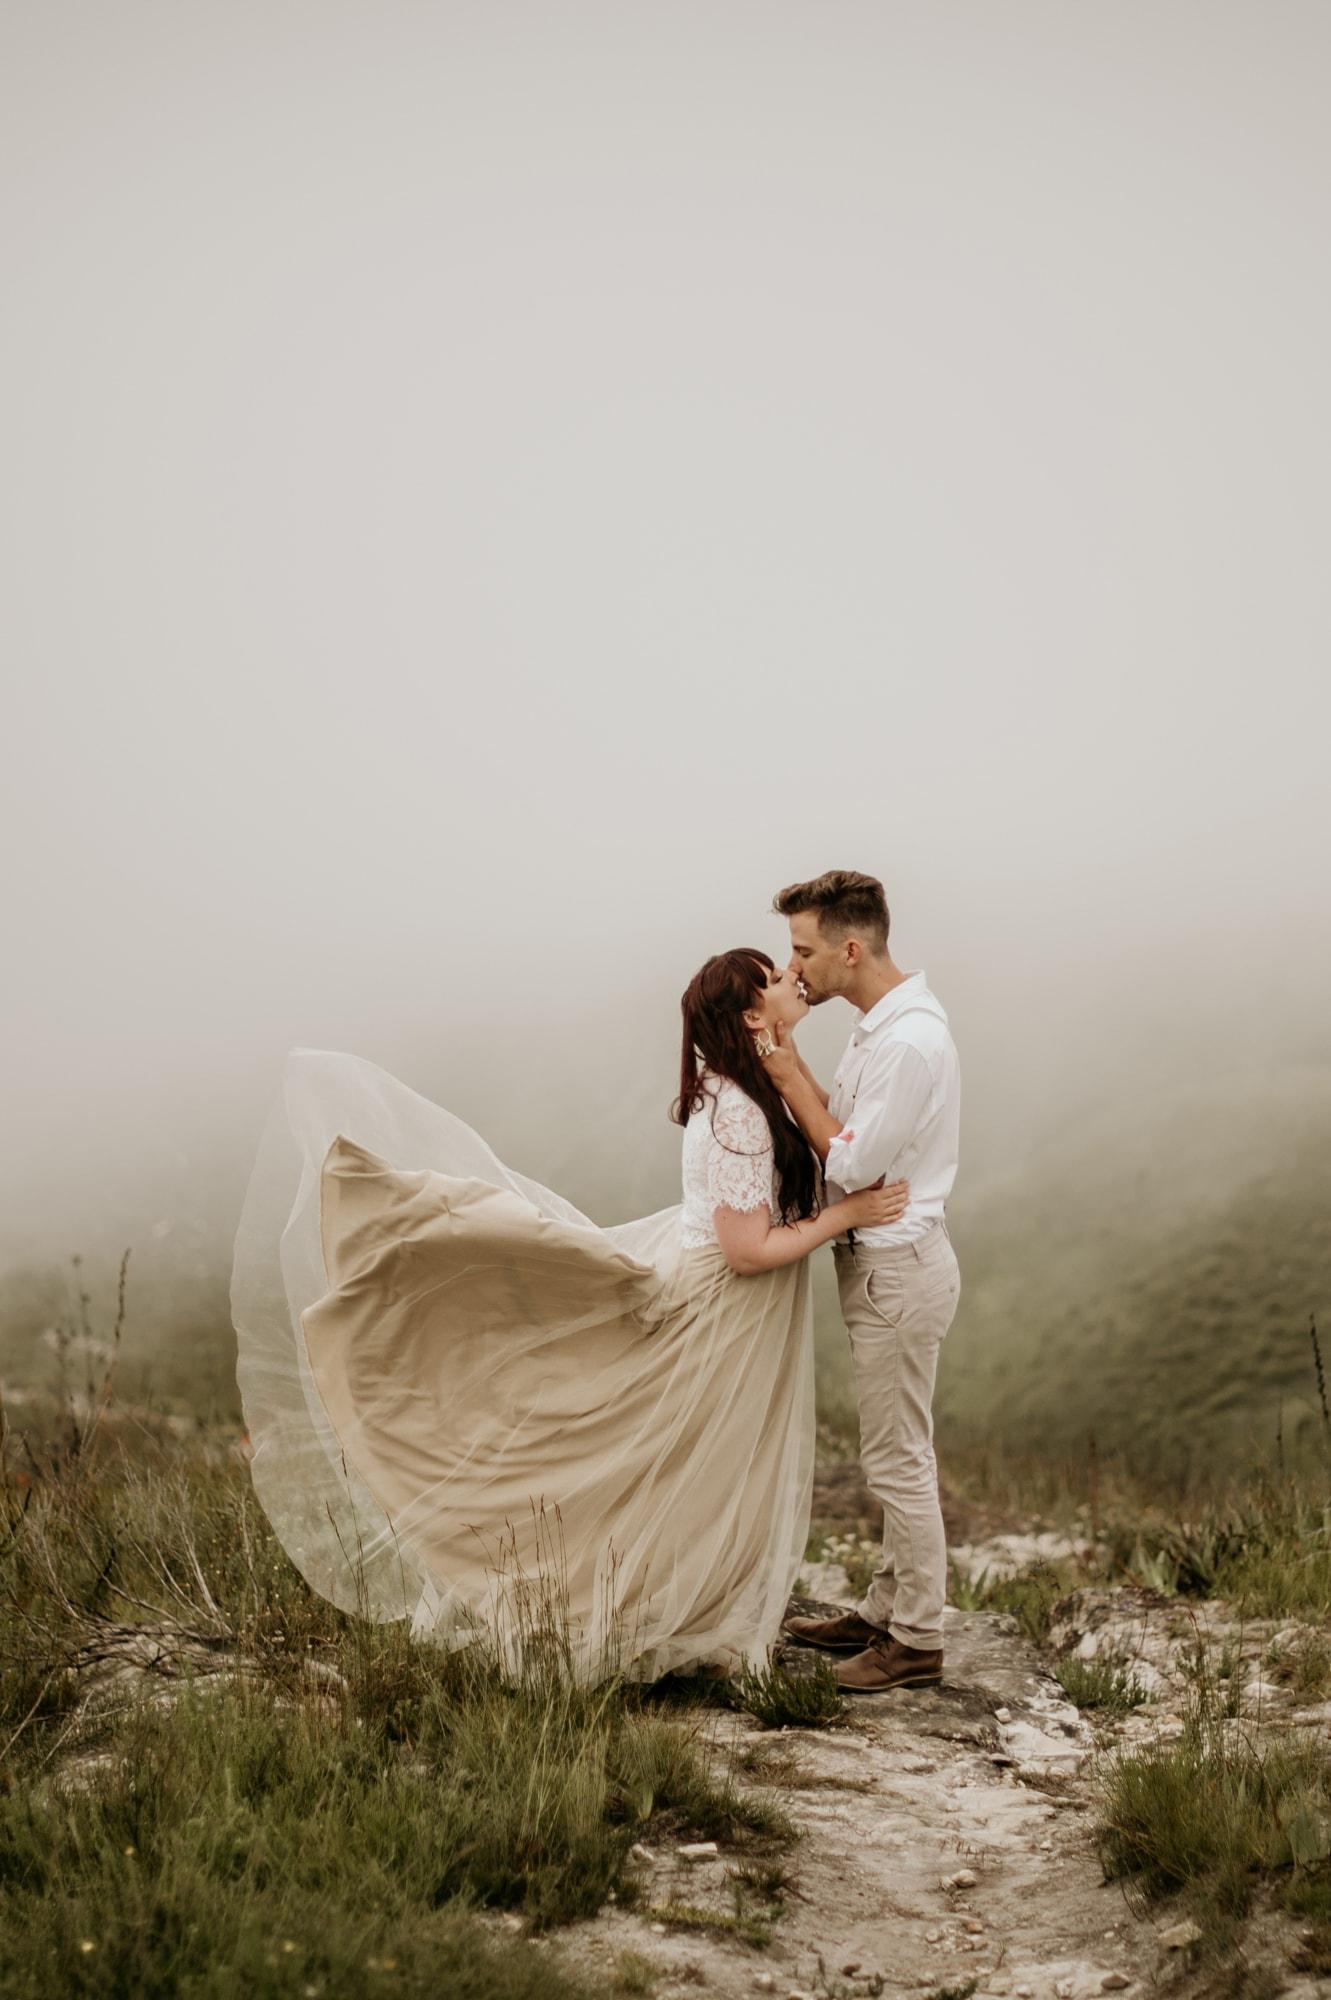 C+V-Engagement-Session-June-Richards-Photography-Destination-Weddings-Elopements-Garden-Route-11